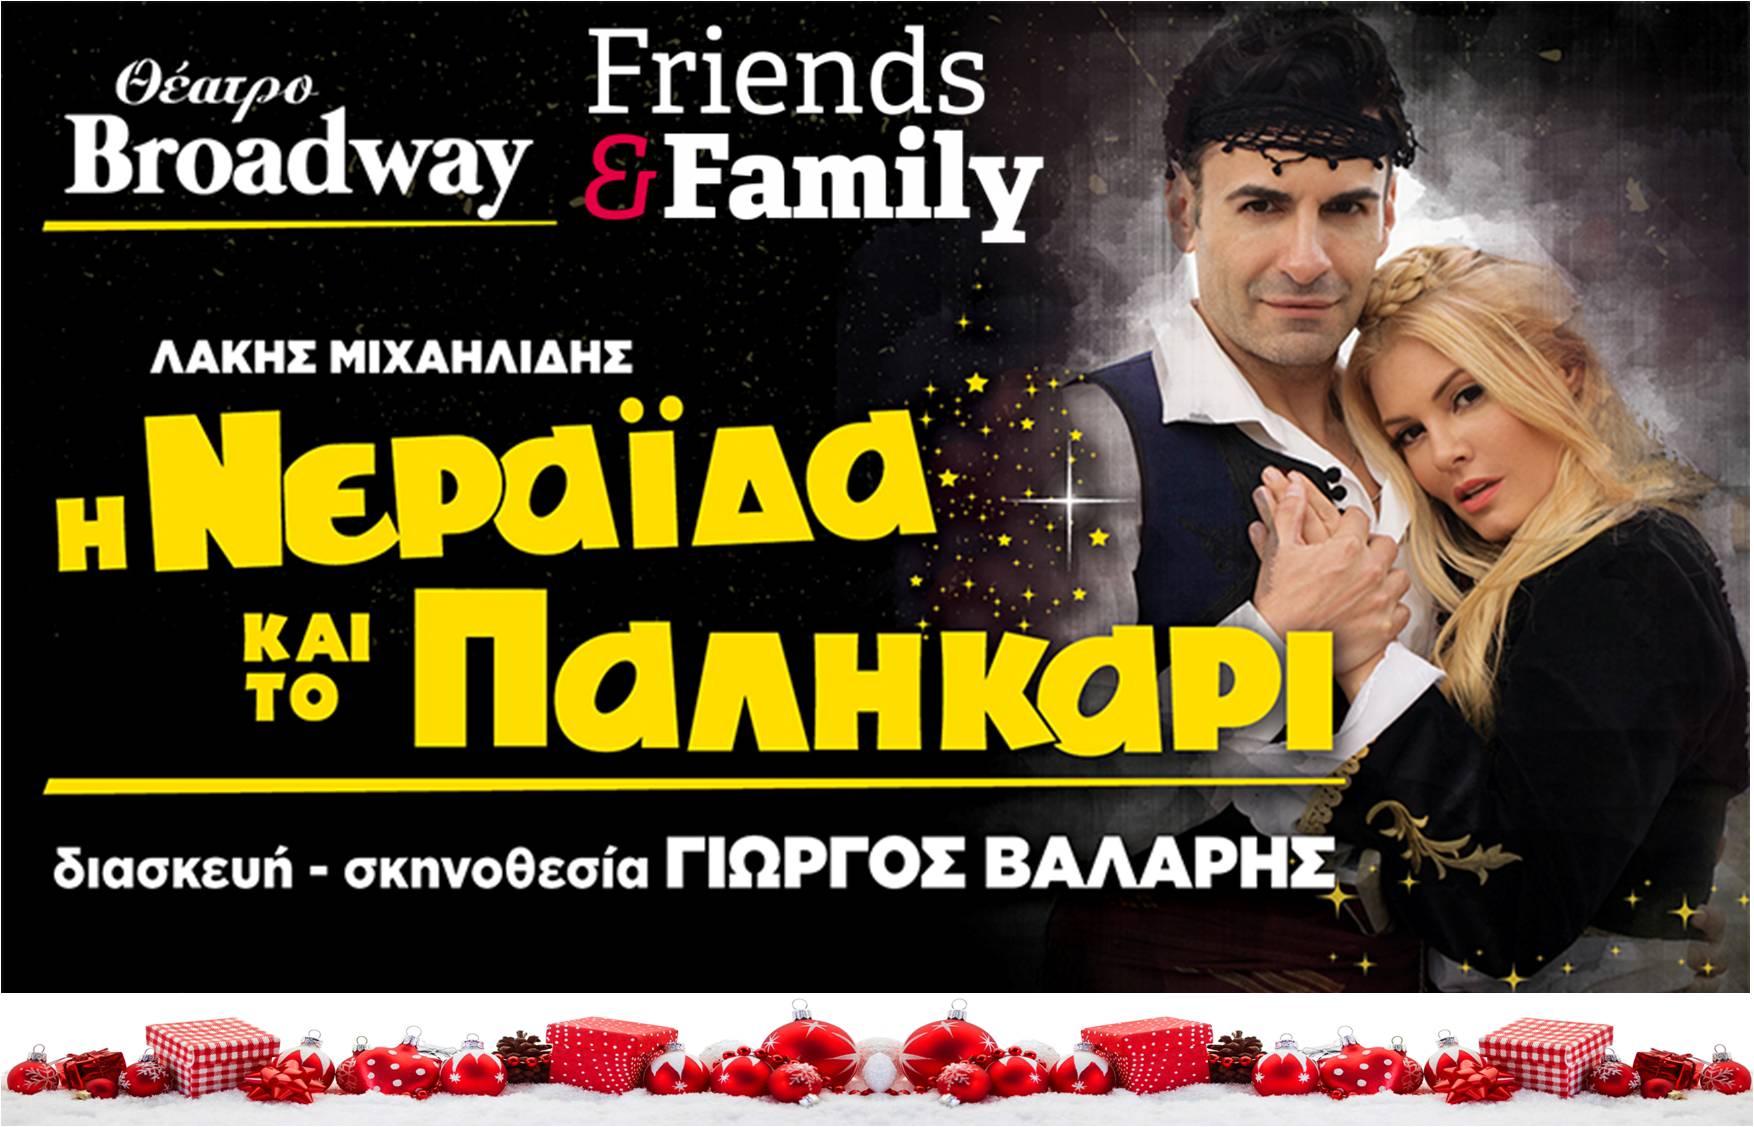 ''Η Νεράιδα και το Παληκάρι'' Friends & Family Πακέτο!  Από 9€/άτομο στη θεατρική υπερπαραγωγή του Χειμώνα, από τον σκηνοθέτη των επιτυχιών Γ.Βάλαρη, στο Broadway! Mε τους Μ.Κορινθίου, Π.Πετράκη, Γ.Κωνσταντίνου, Χ.Διαβάτη, πολυμελή θίασο & το δημοφιλή Κρητικό λυράρη ΝΙΚΟ ΖΩΙΔΑΚΗ!